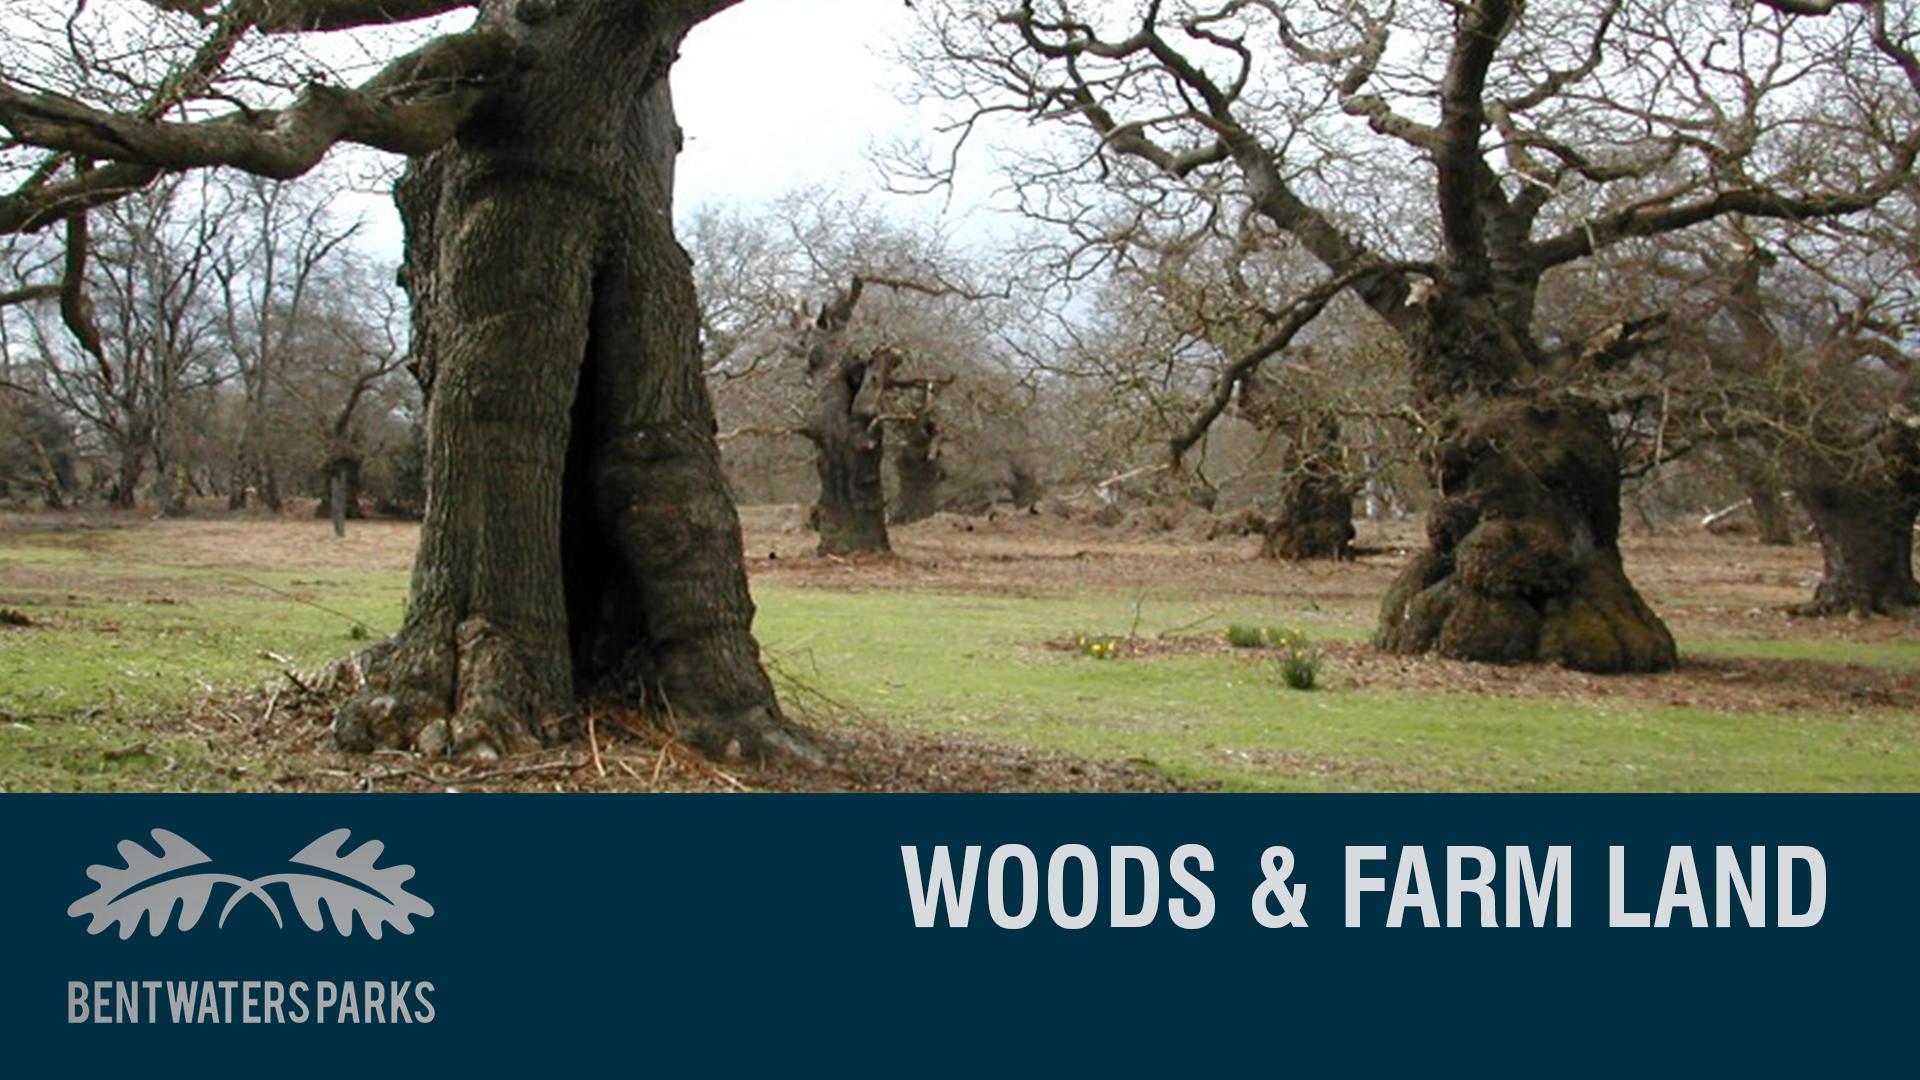 WOOD & FARMLAND